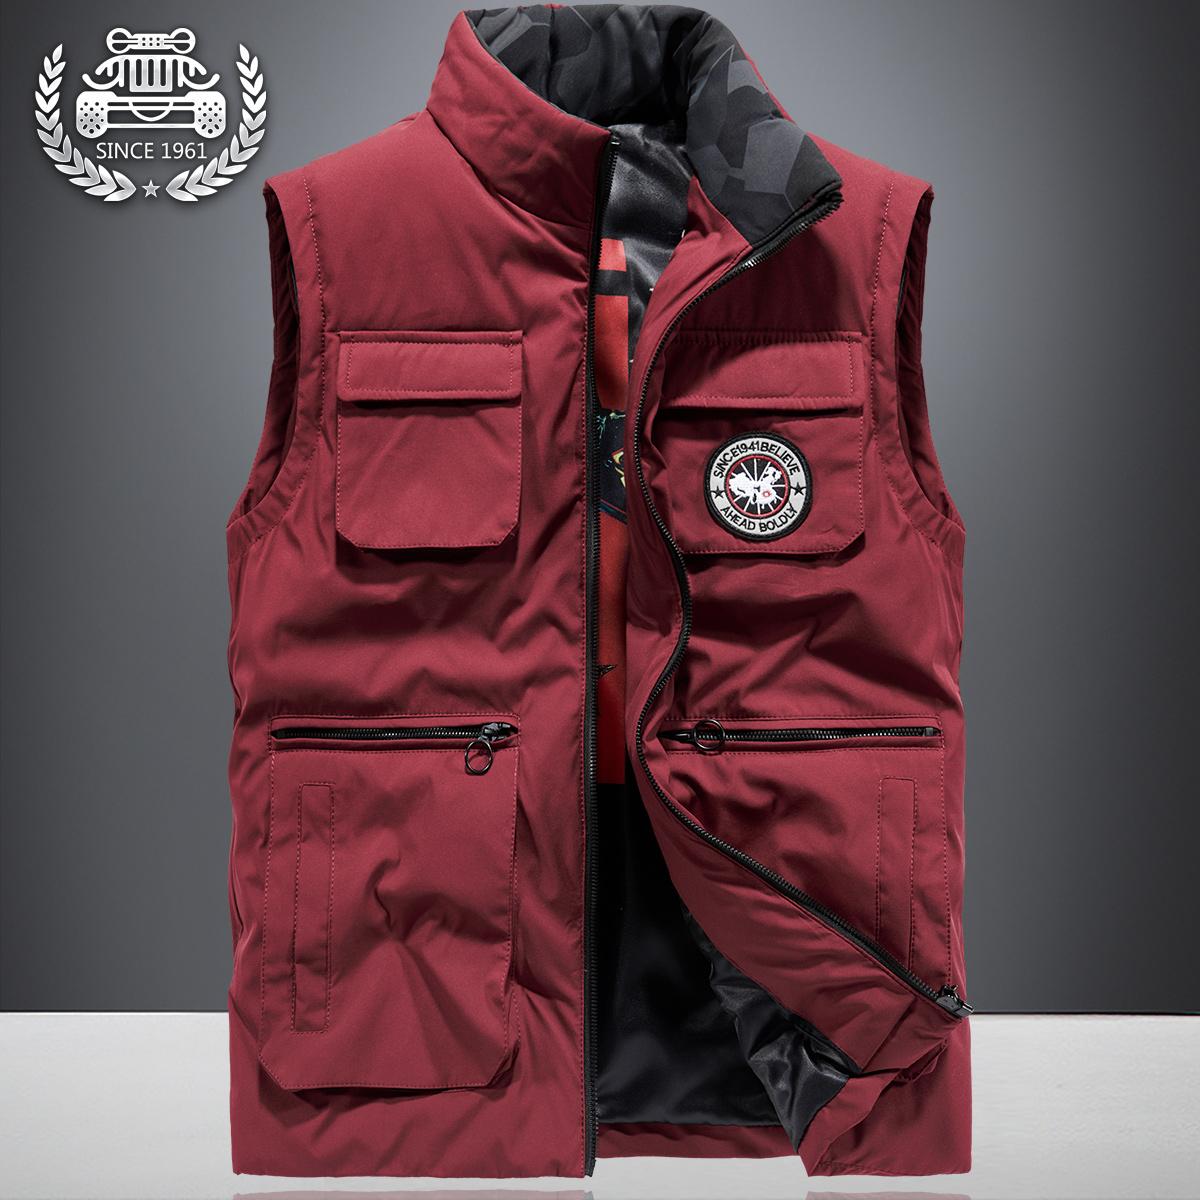 秋冬季马甲男士加厚背心春秋无袖夹克大码多口袋户外坎肩工装外套